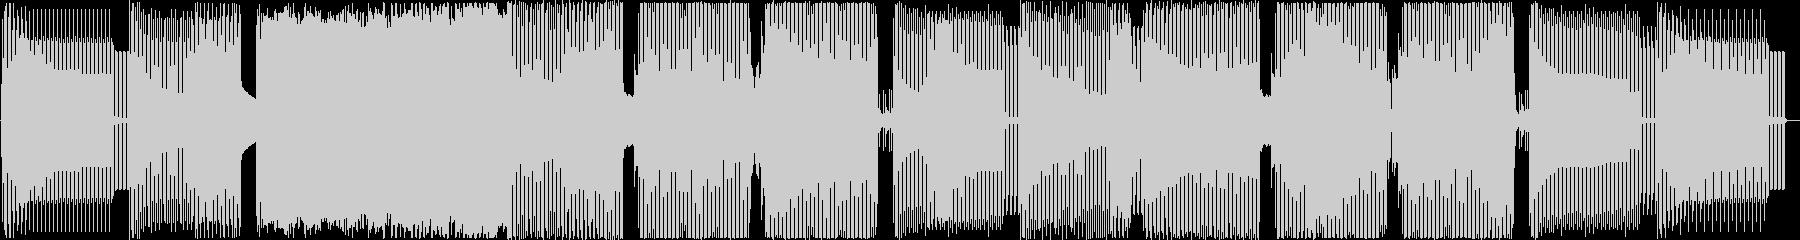 「アングラなノリノリEDM」の未再生の波形